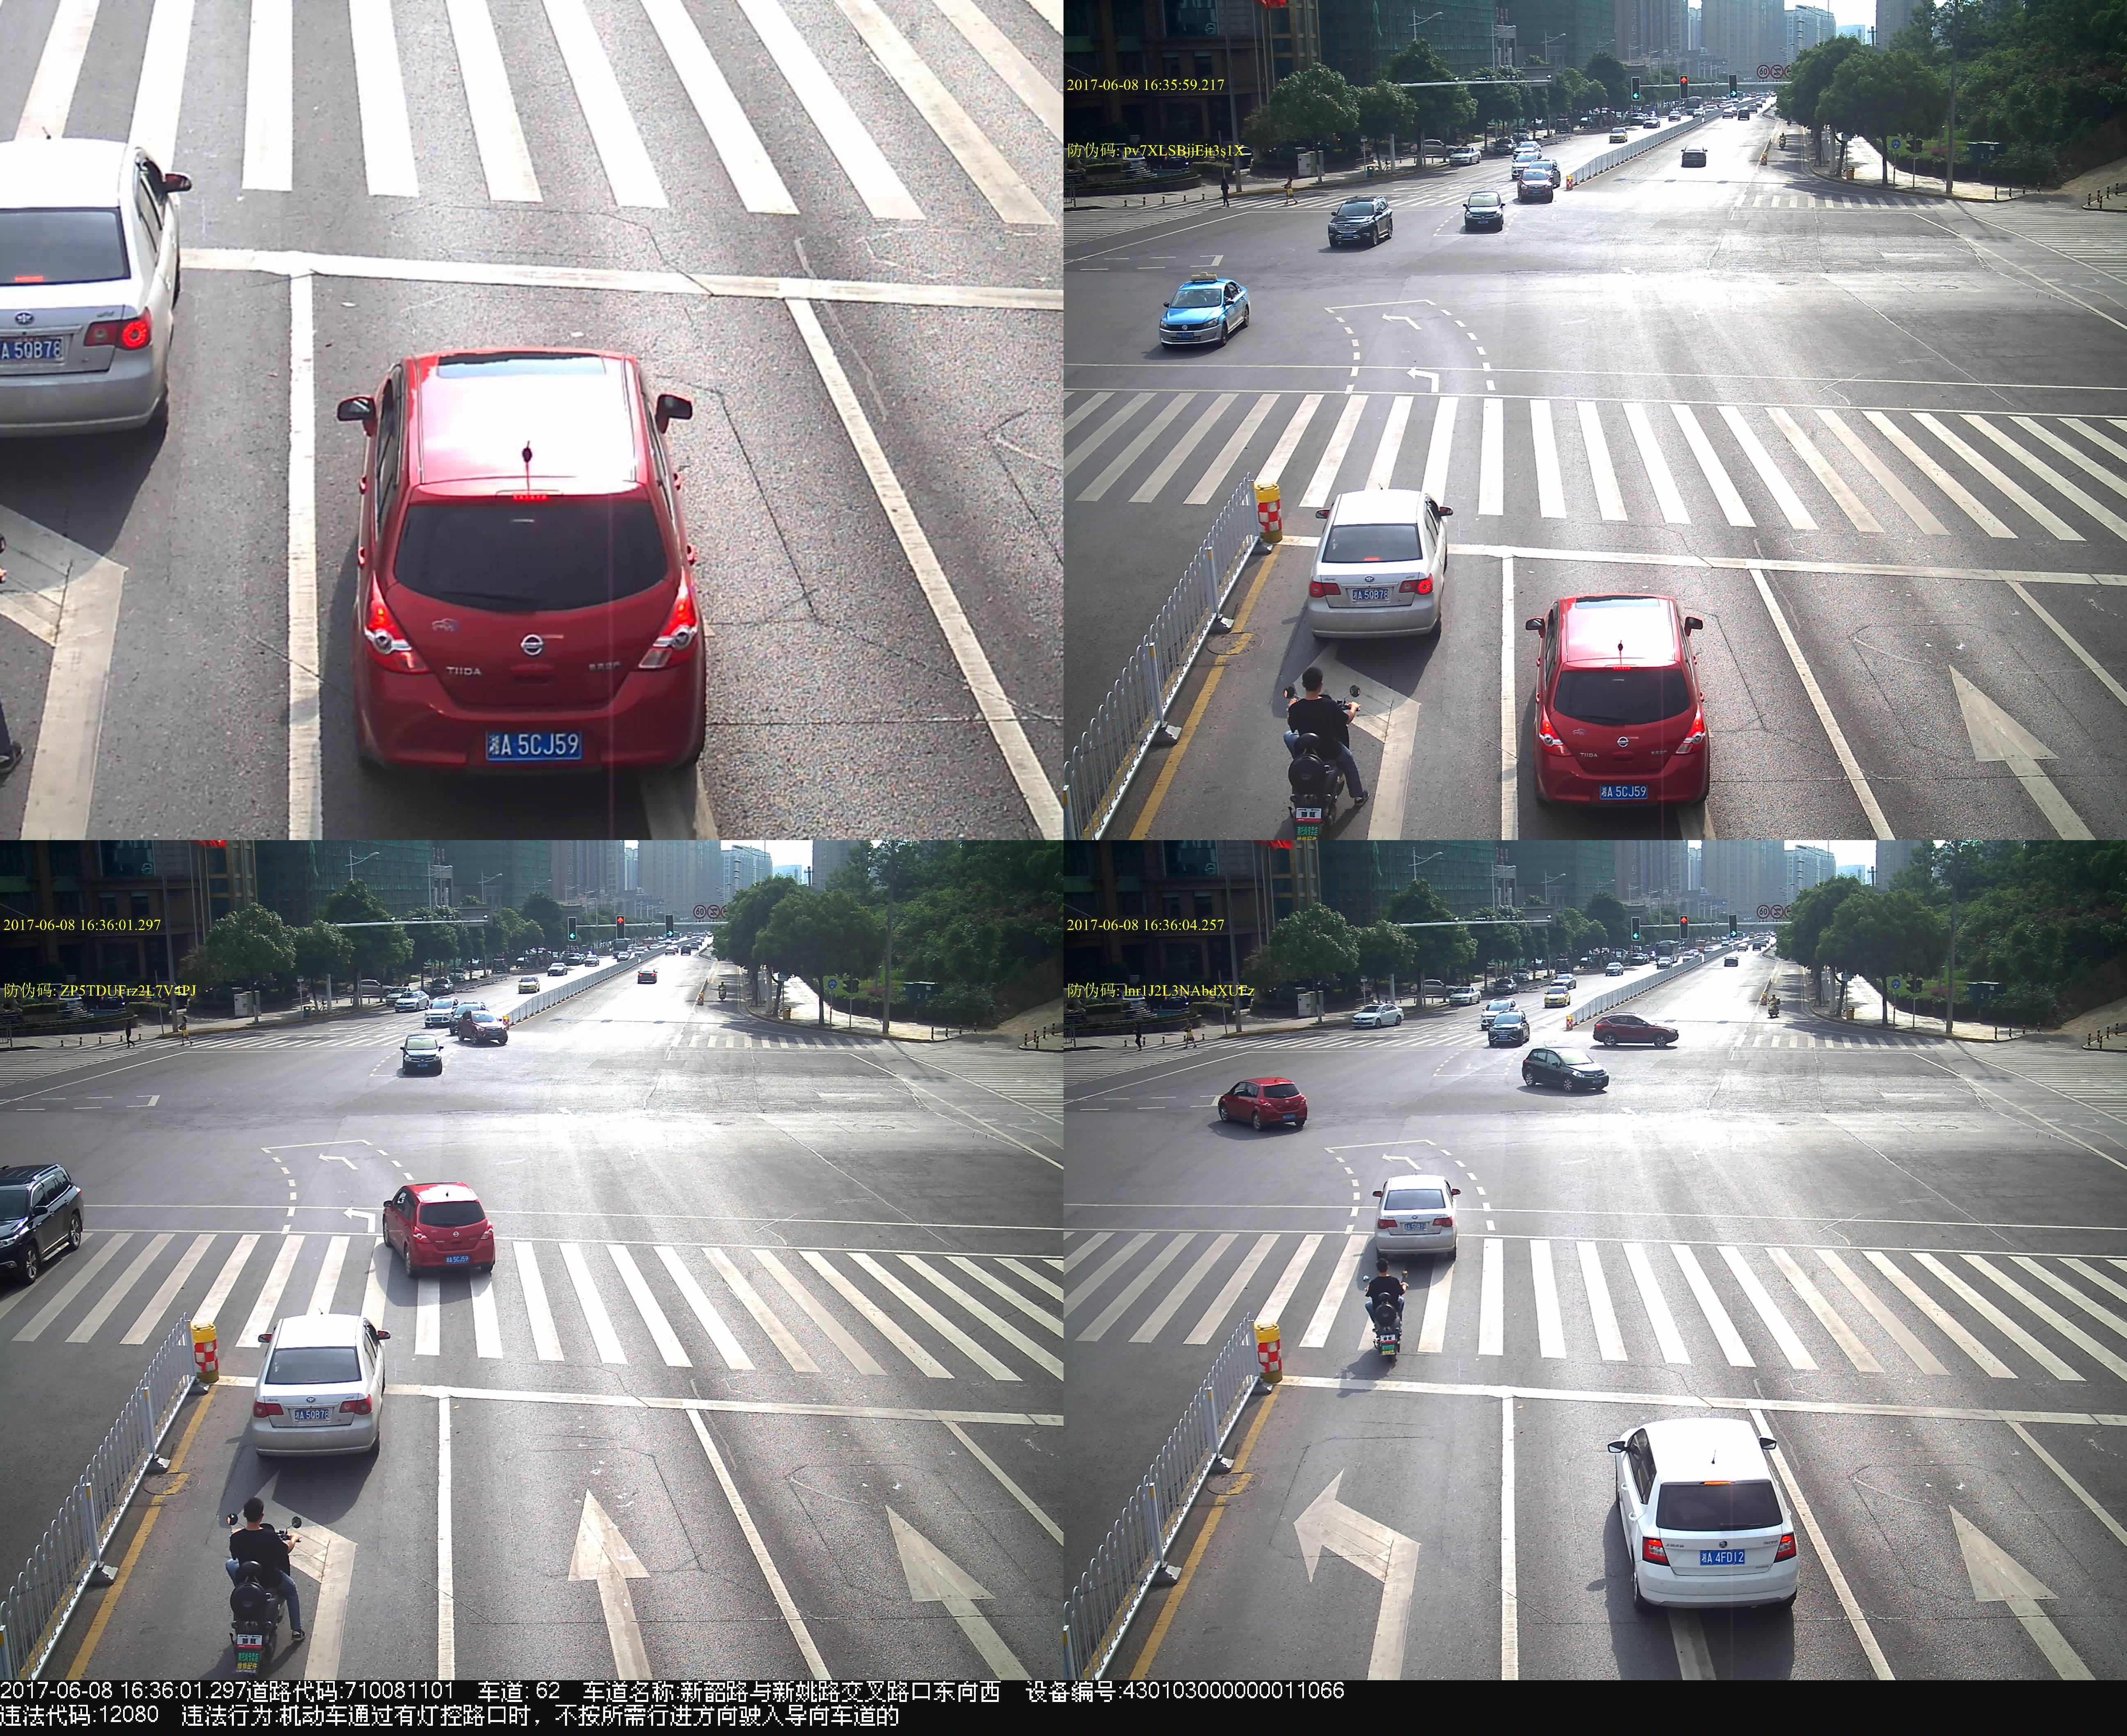 湘a5cj59 不按导向车道行驶